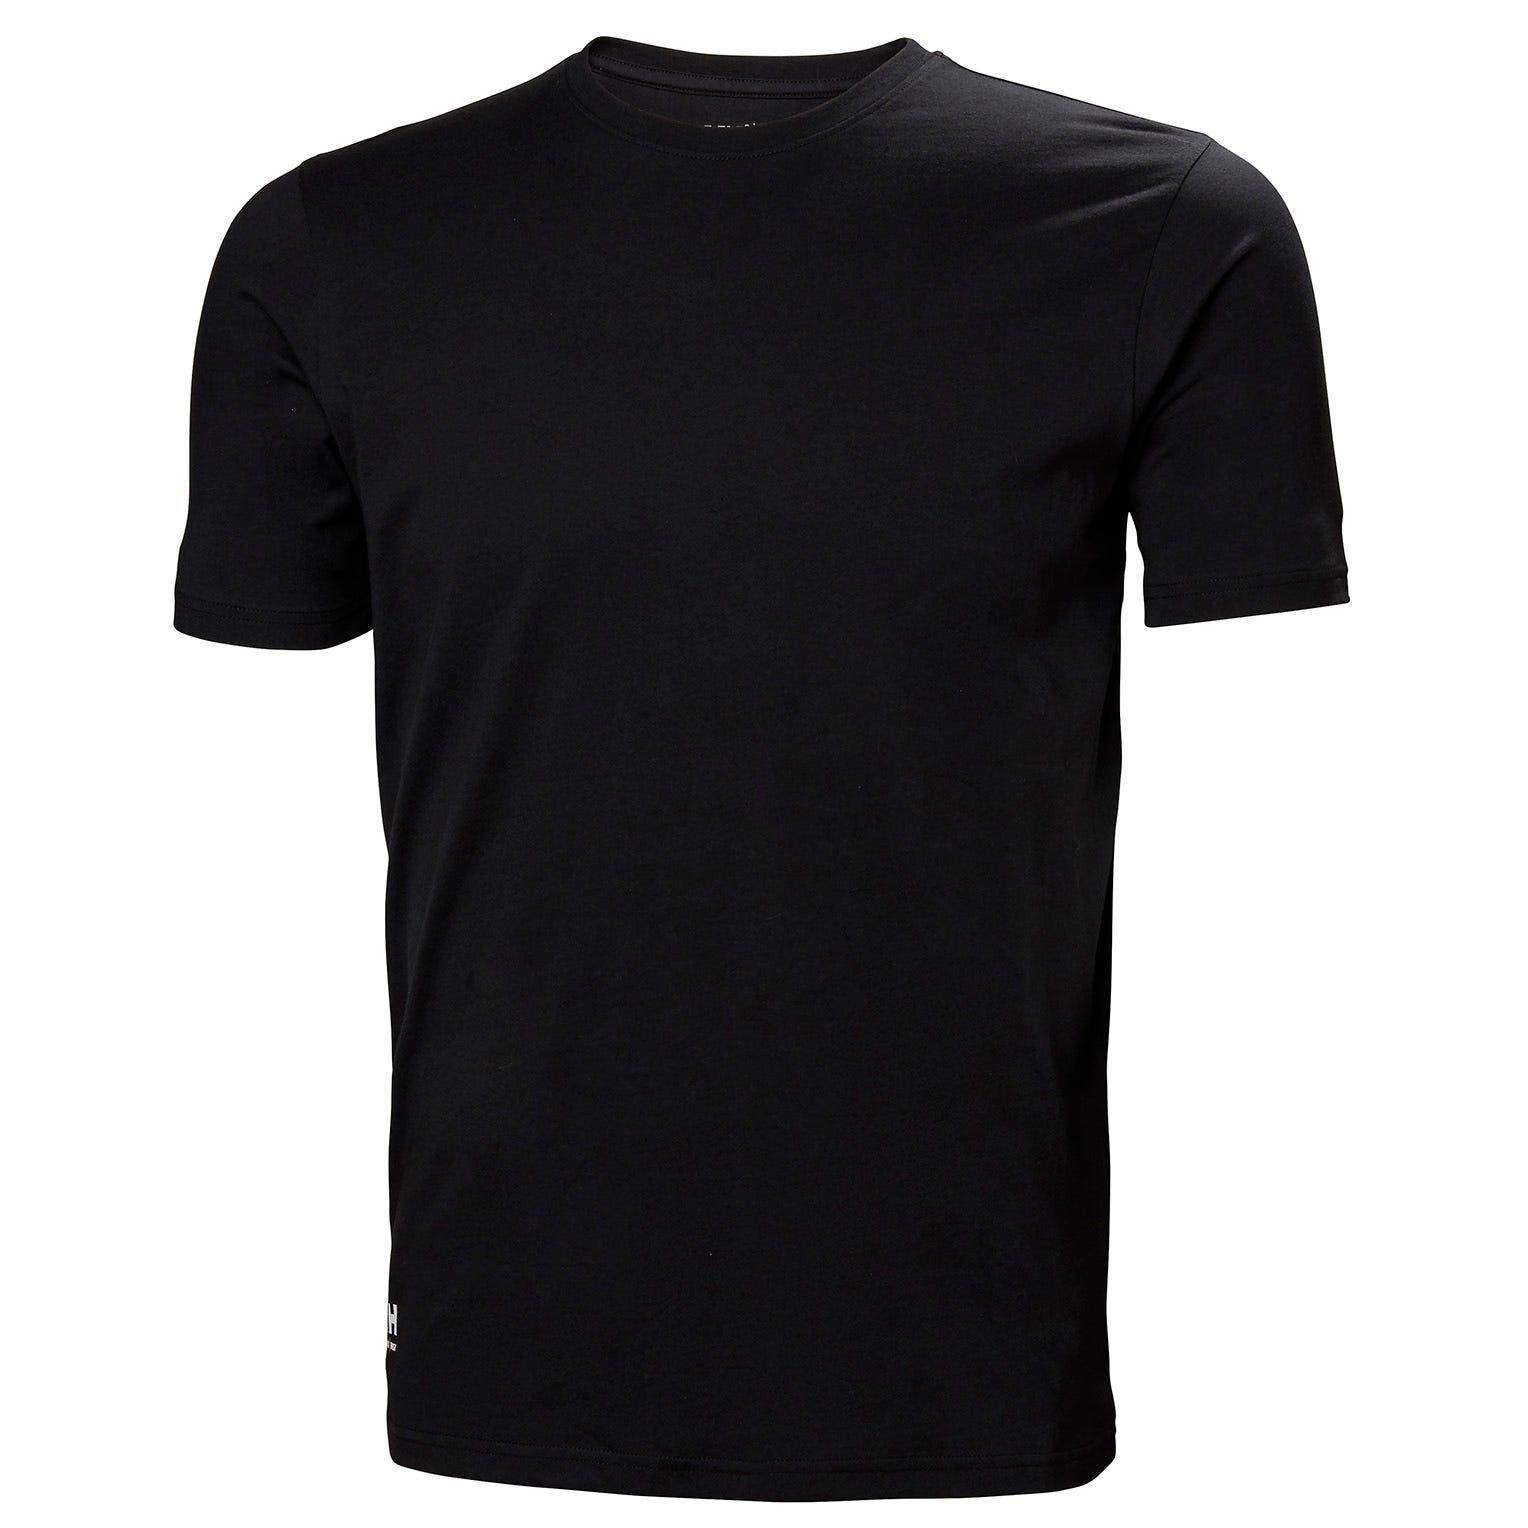 HH Workwear Helly Hansen WorkwearManchester Tshirt Black M